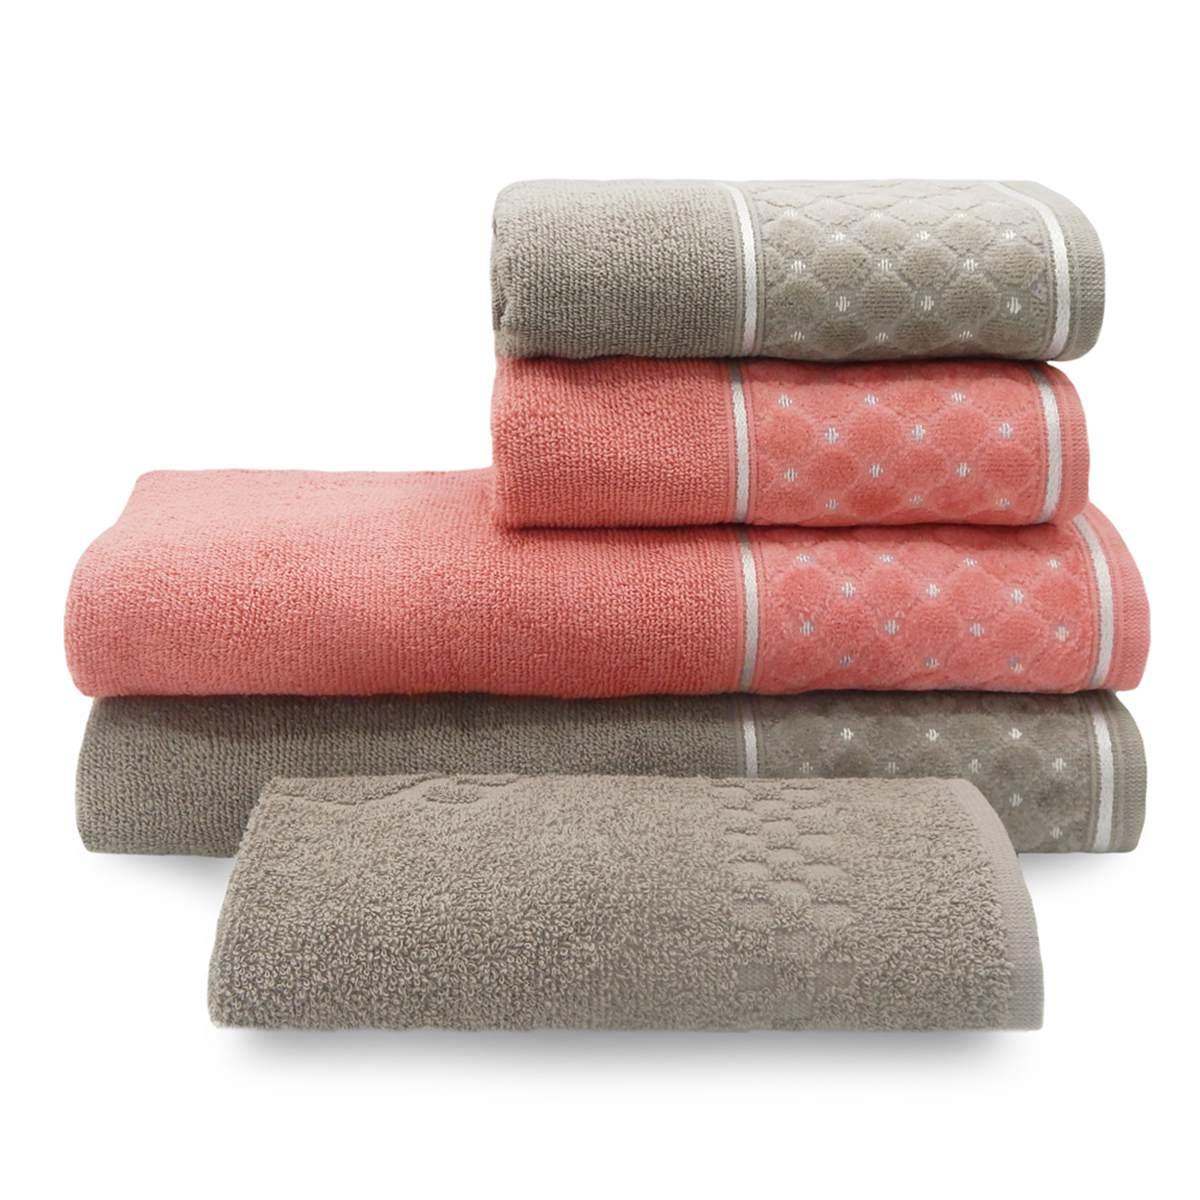 Jg toalha safira 5pcs BLUSH/GRAFITE